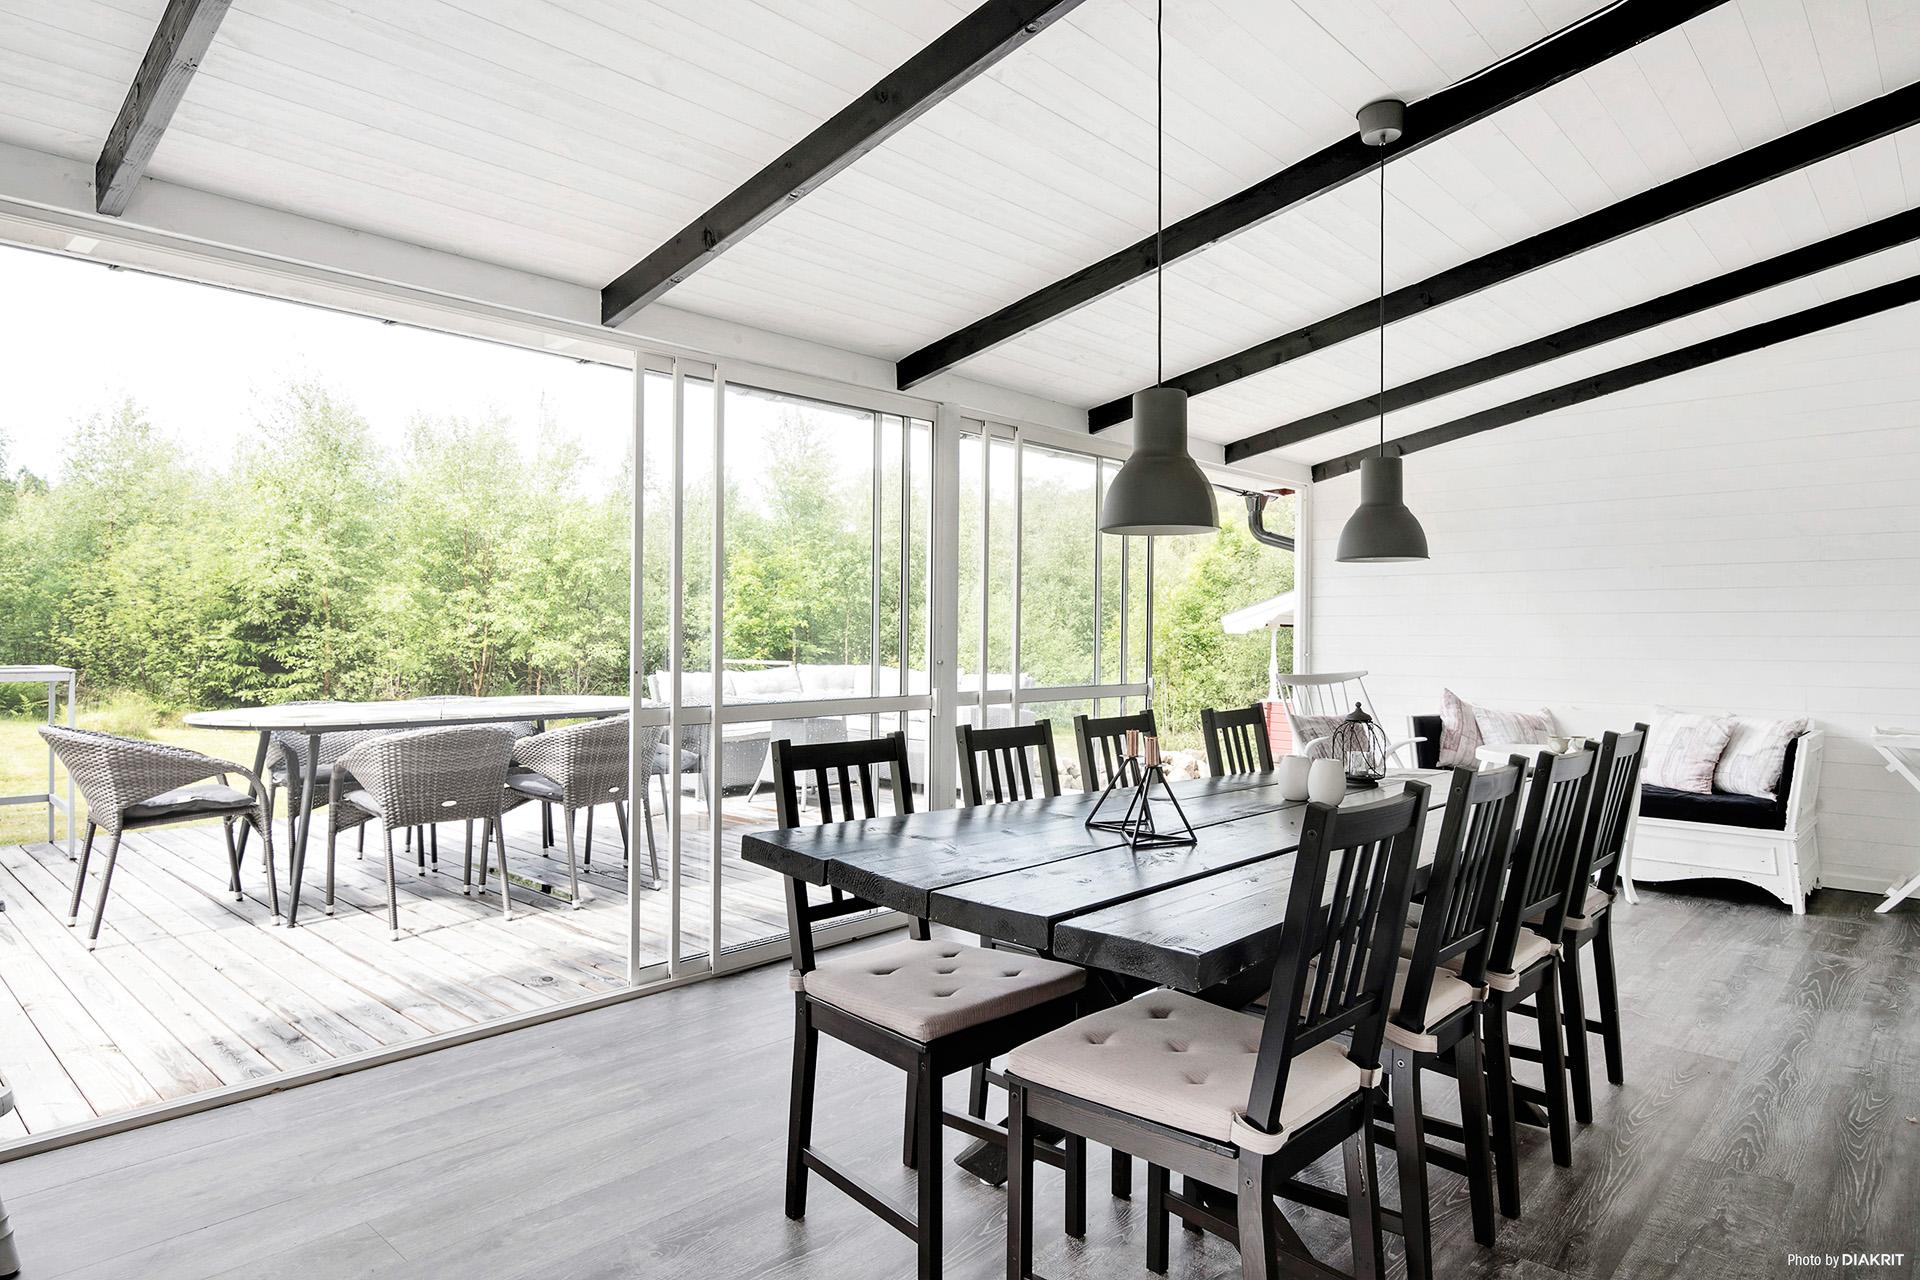 Öppningsbara fönsterpartier som ger känslan av att vara utomhus